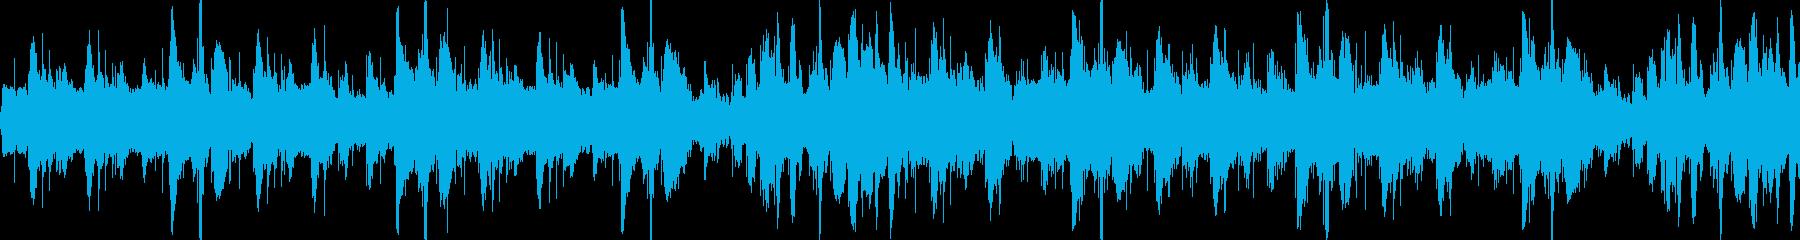 コミカルでアップテンポのBGM-ループ1の再生済みの波形